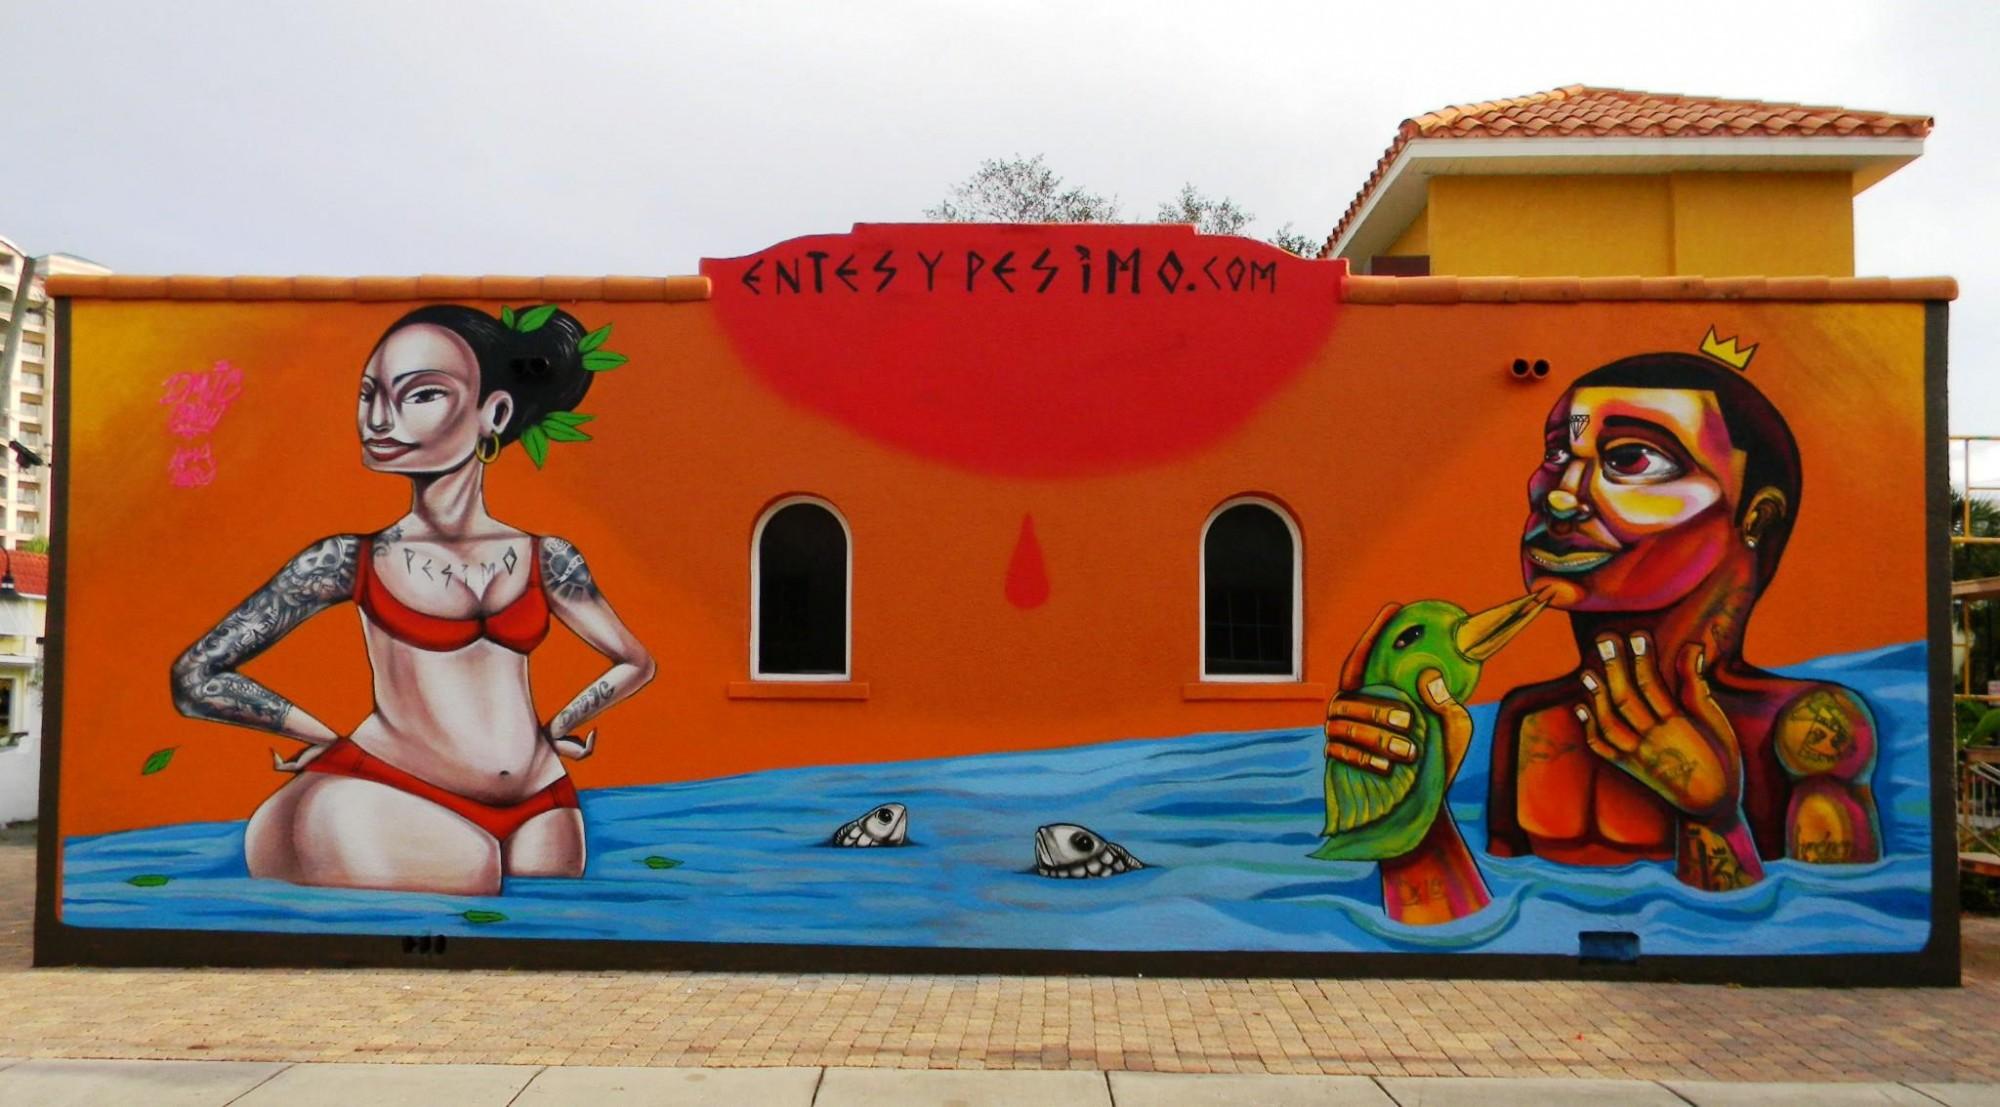 Mural de Entes y Pésimo en Florida.